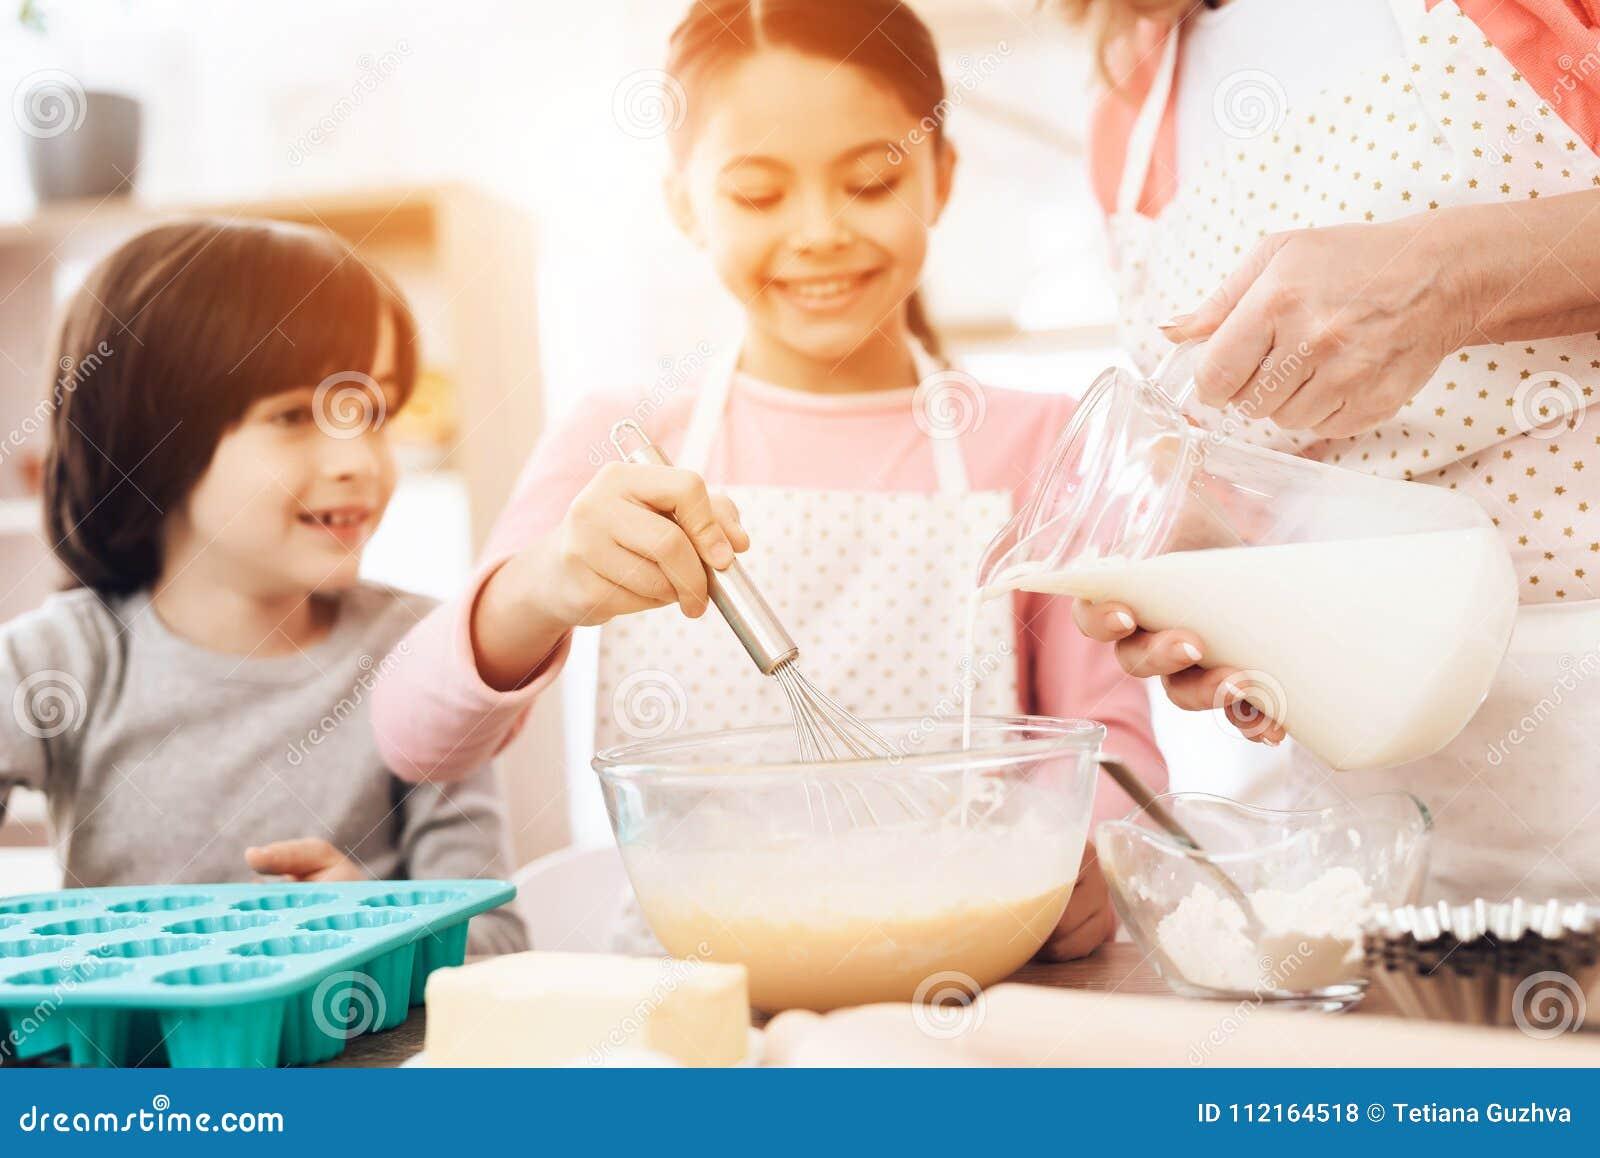 O menino feliz olha a menina que está batendo ovos na bacia, onde a avó bonita derrama o leite do jarro